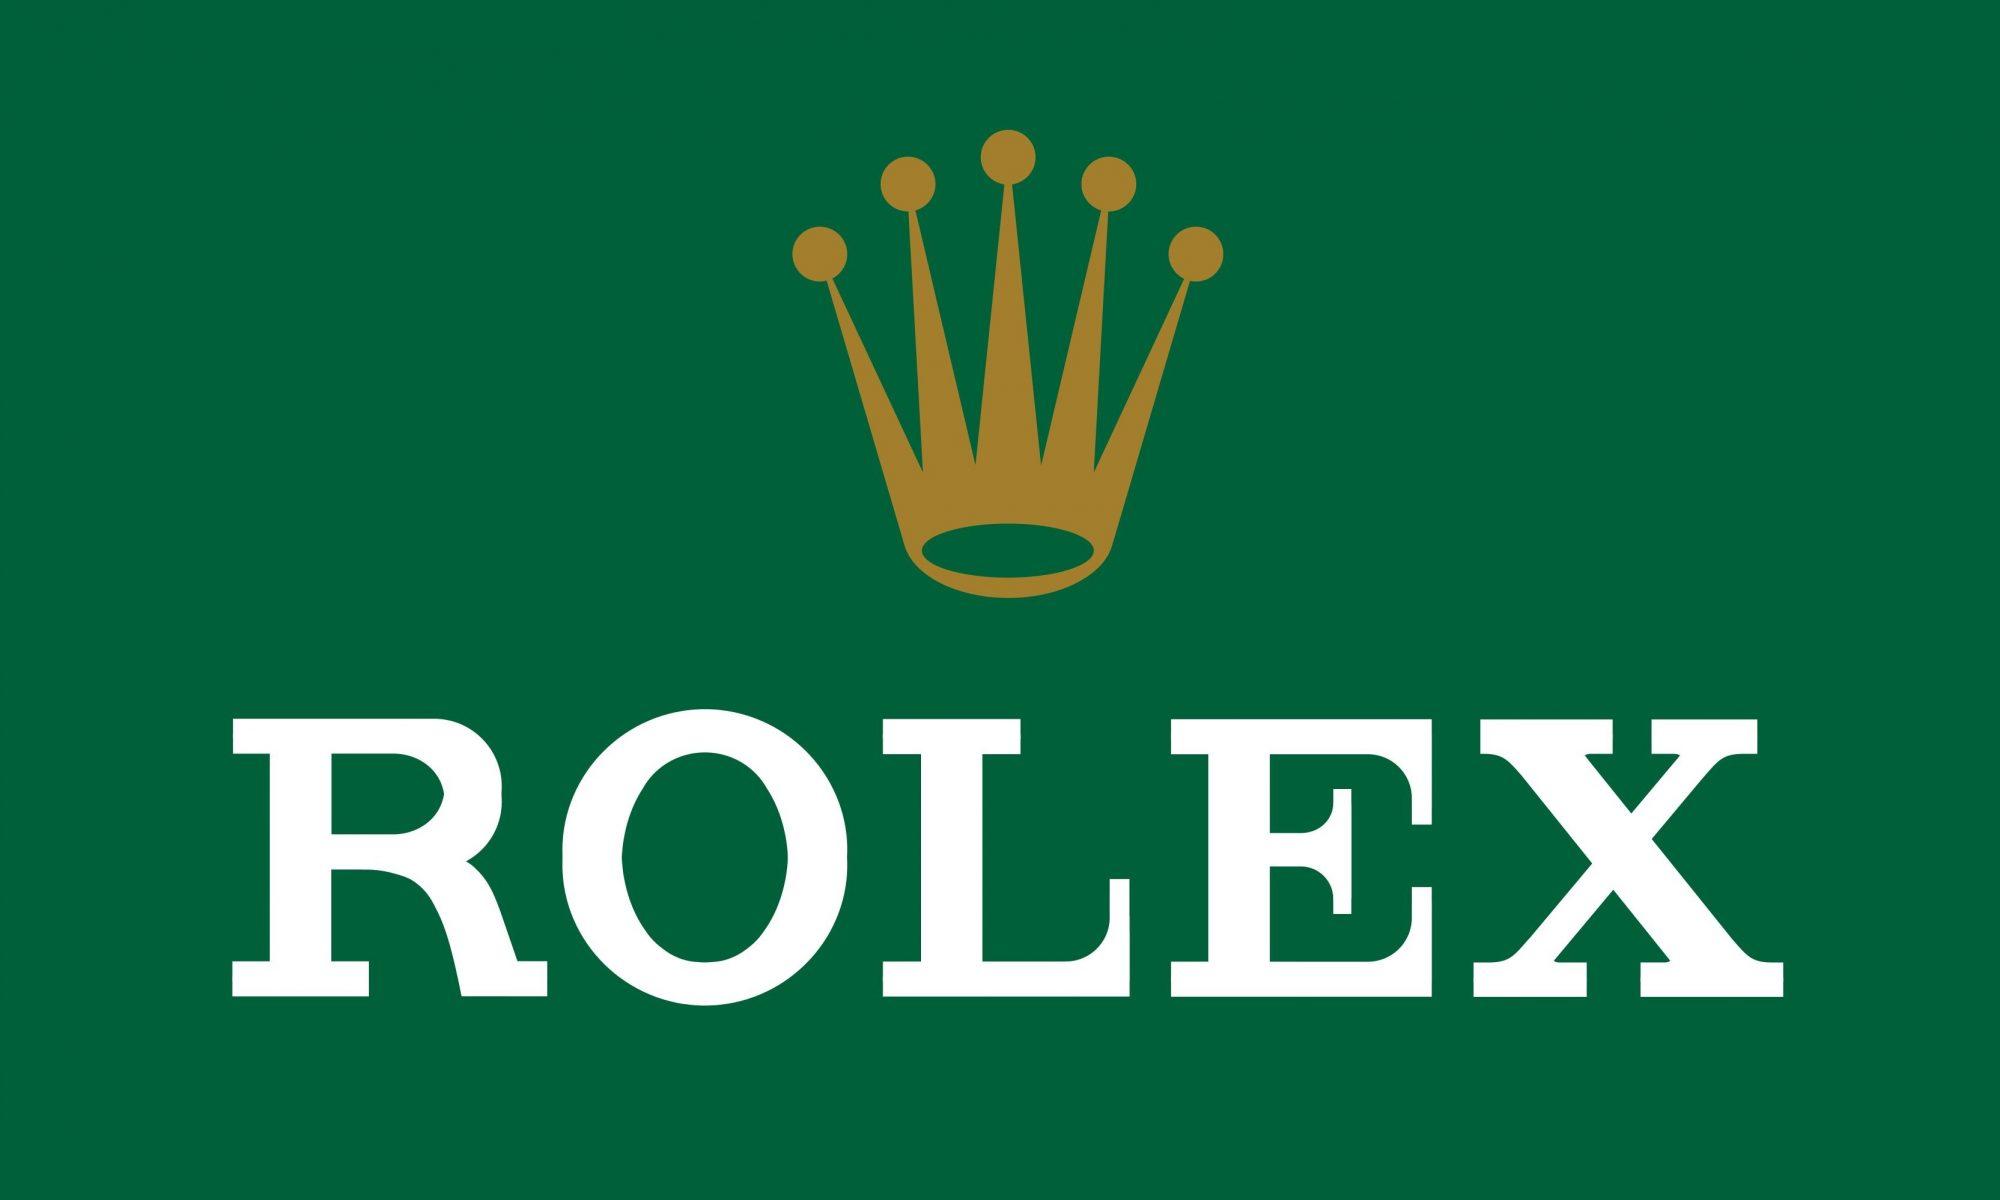 fake Rolex brand logo